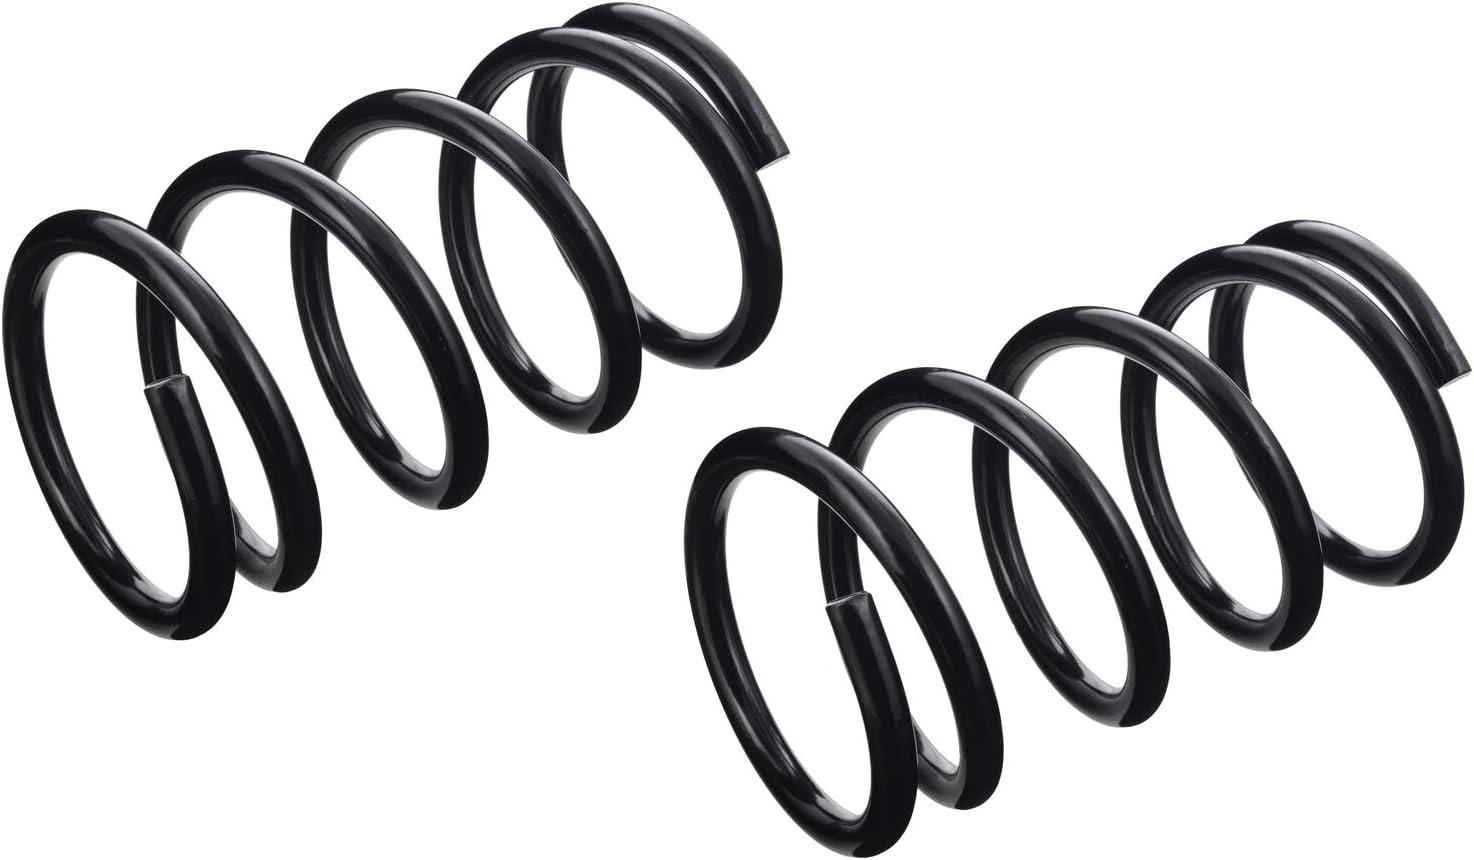 TRW Automotive JCS613T Coil Spring Set 2 Pack